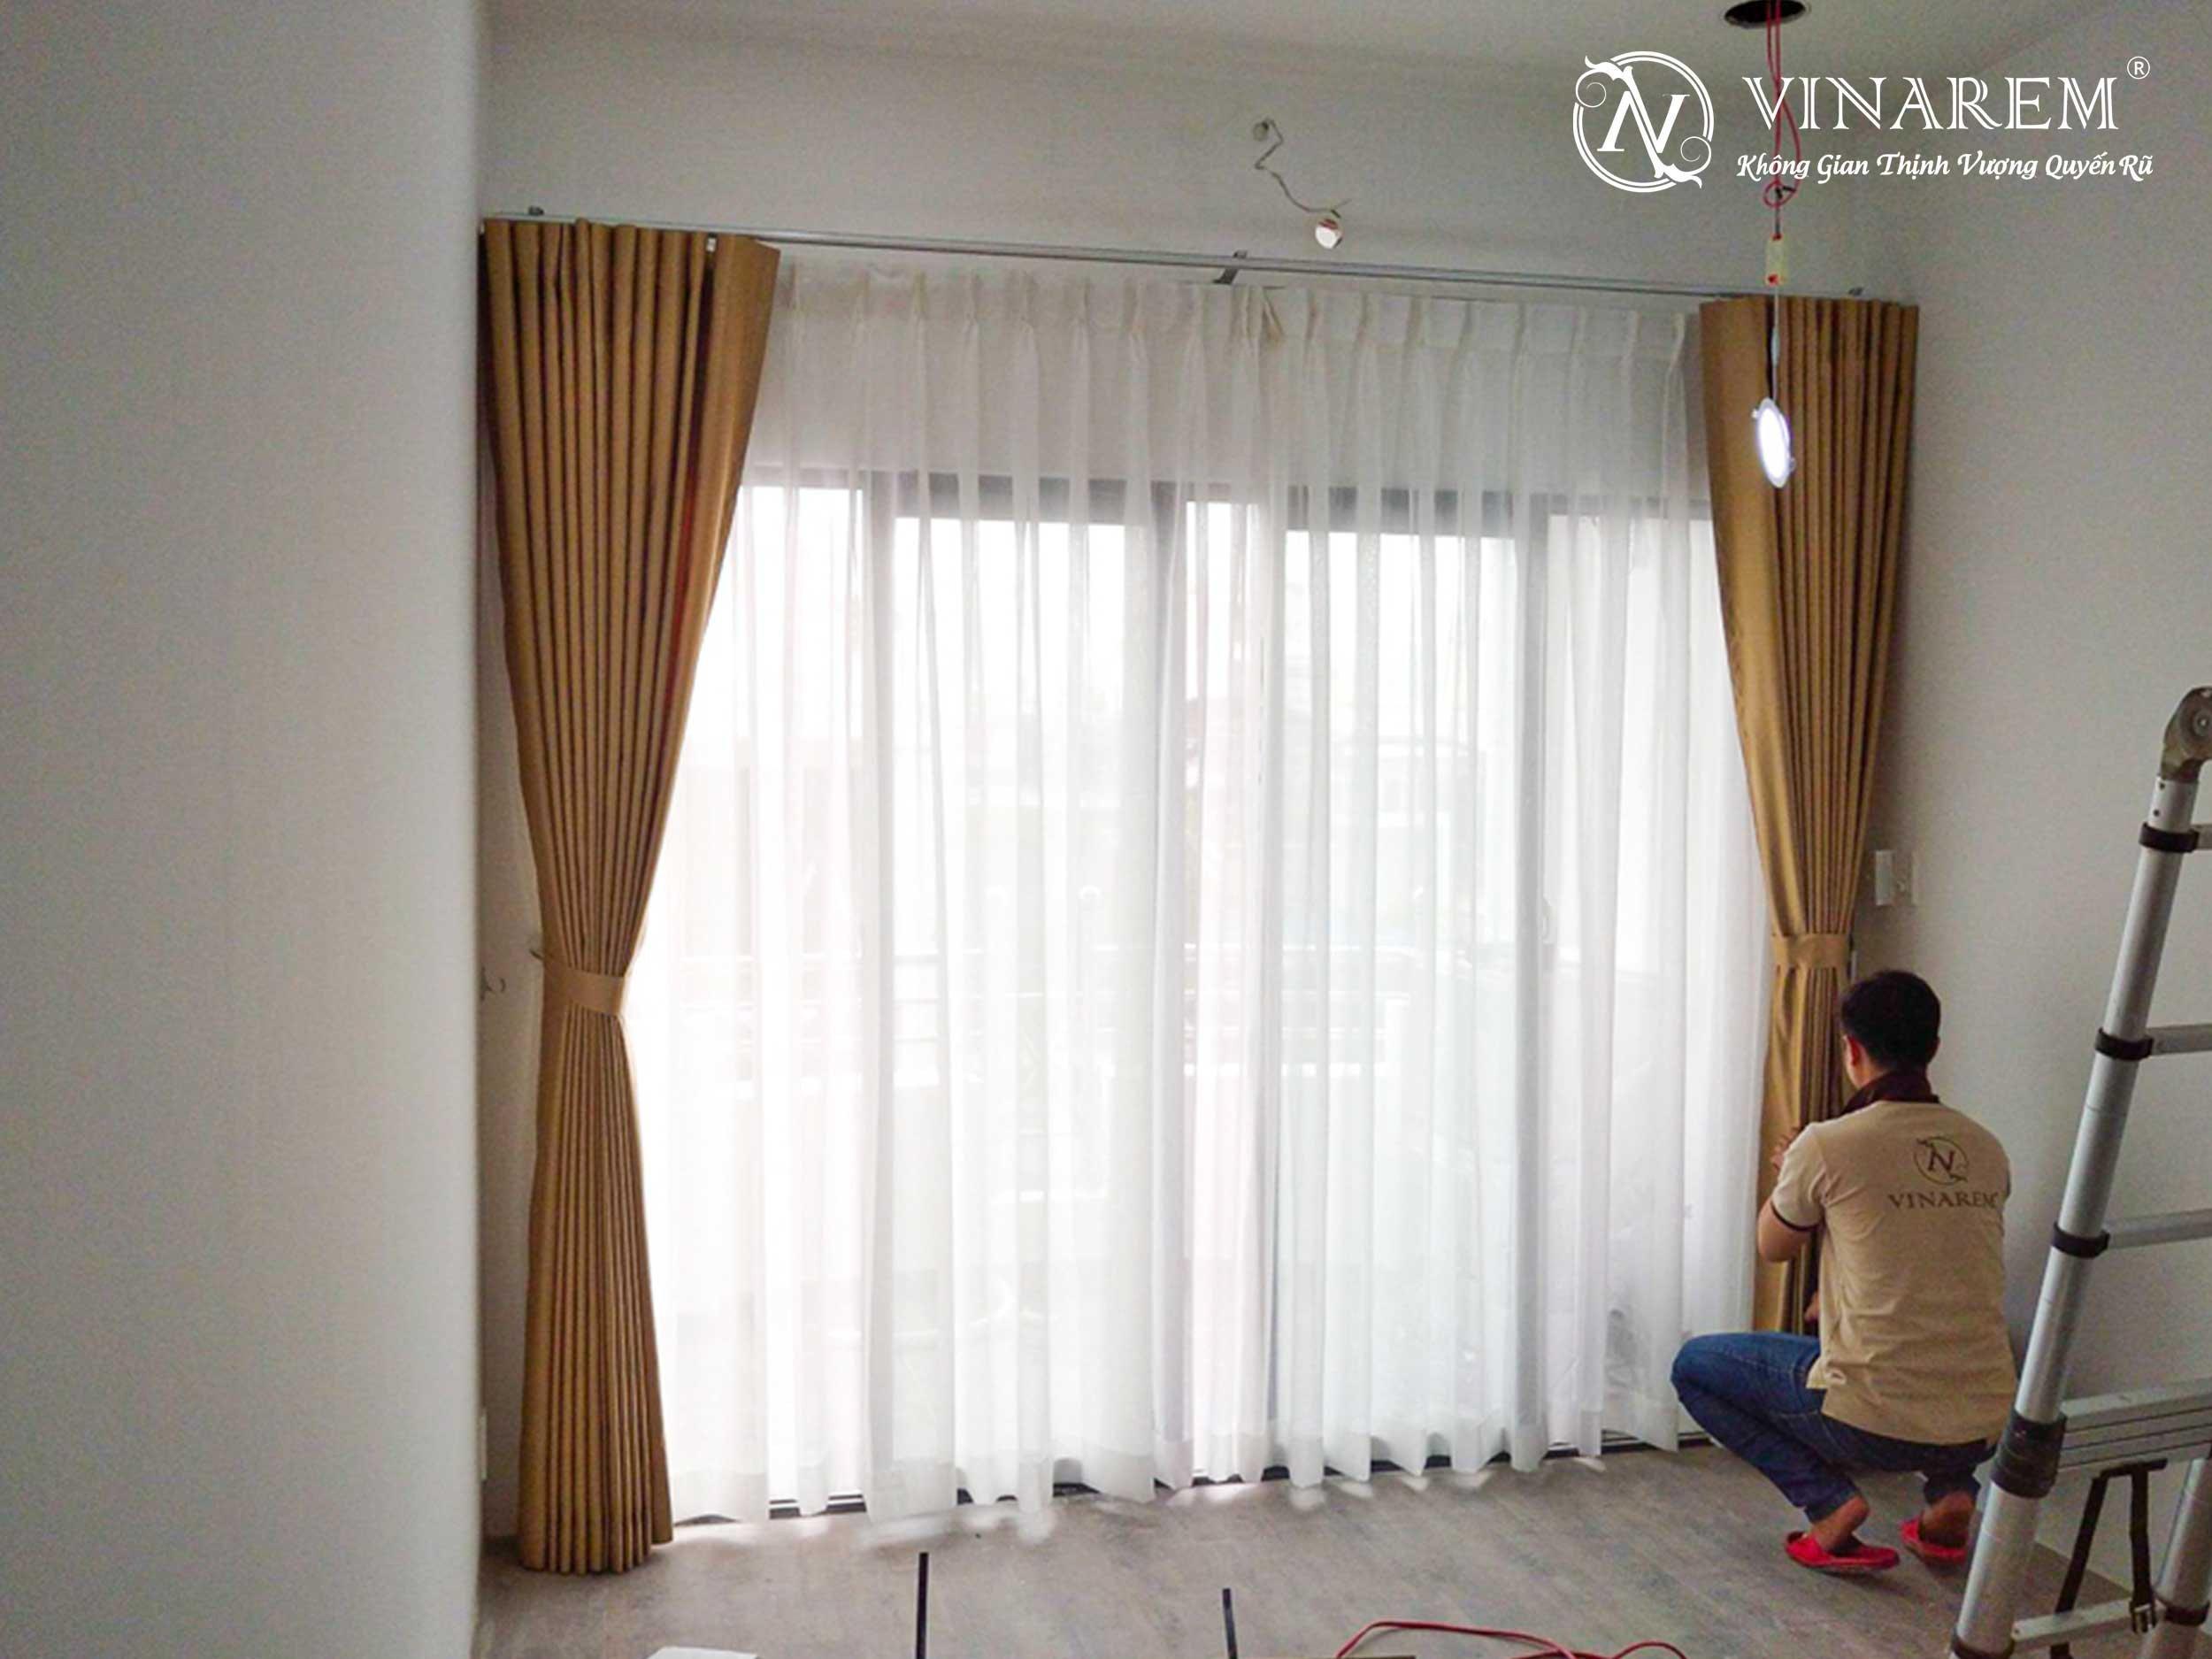 Rèm vải một lớp cao cấp màu vàng cho căn hộ chung cư | Vinarem